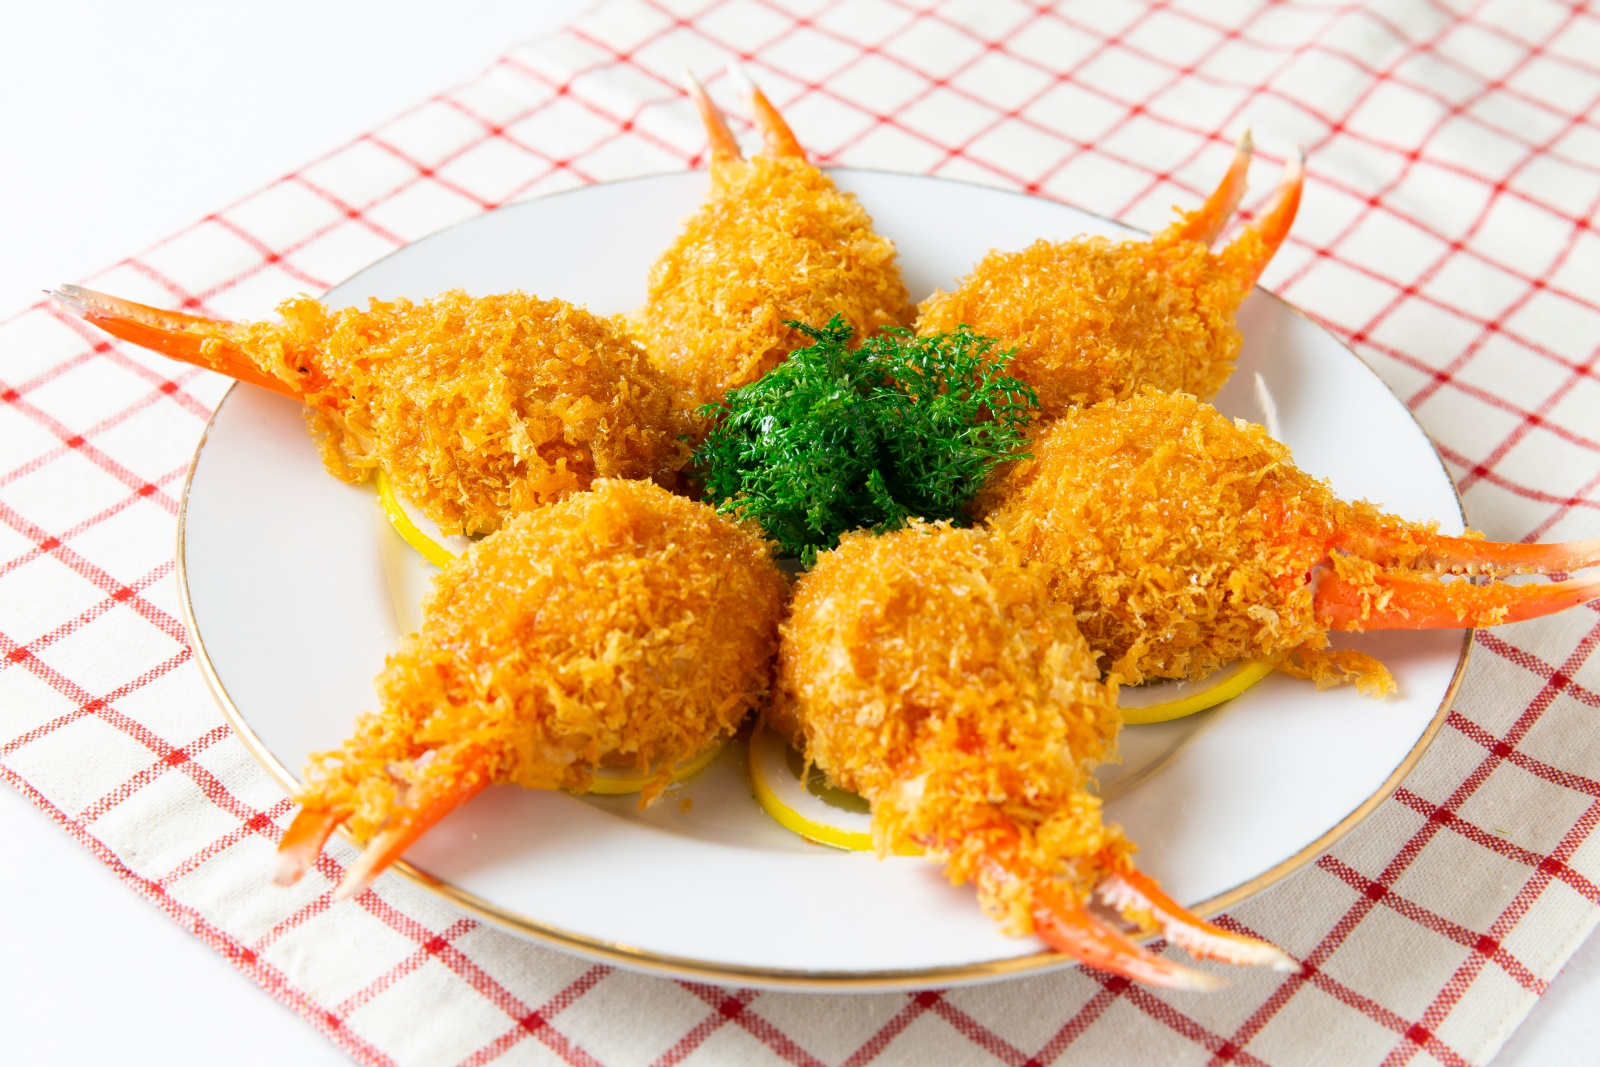 食品サンプルのカニ爪フライ